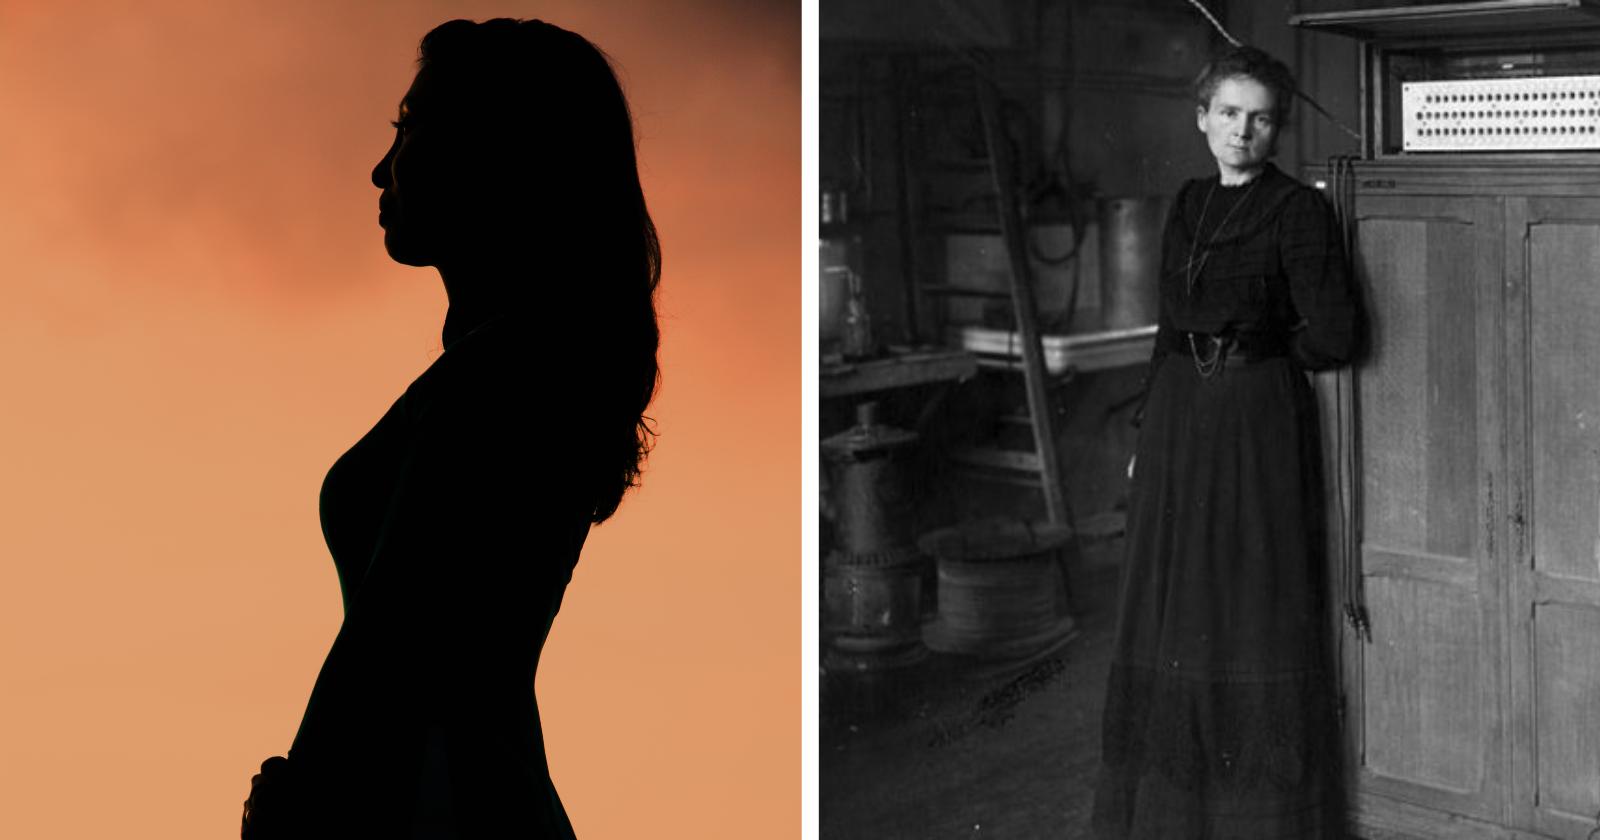 6 mulheres geniais que foram tão (ou mais) talentosas que seus parceiros, mas não recebem o crédito merecido